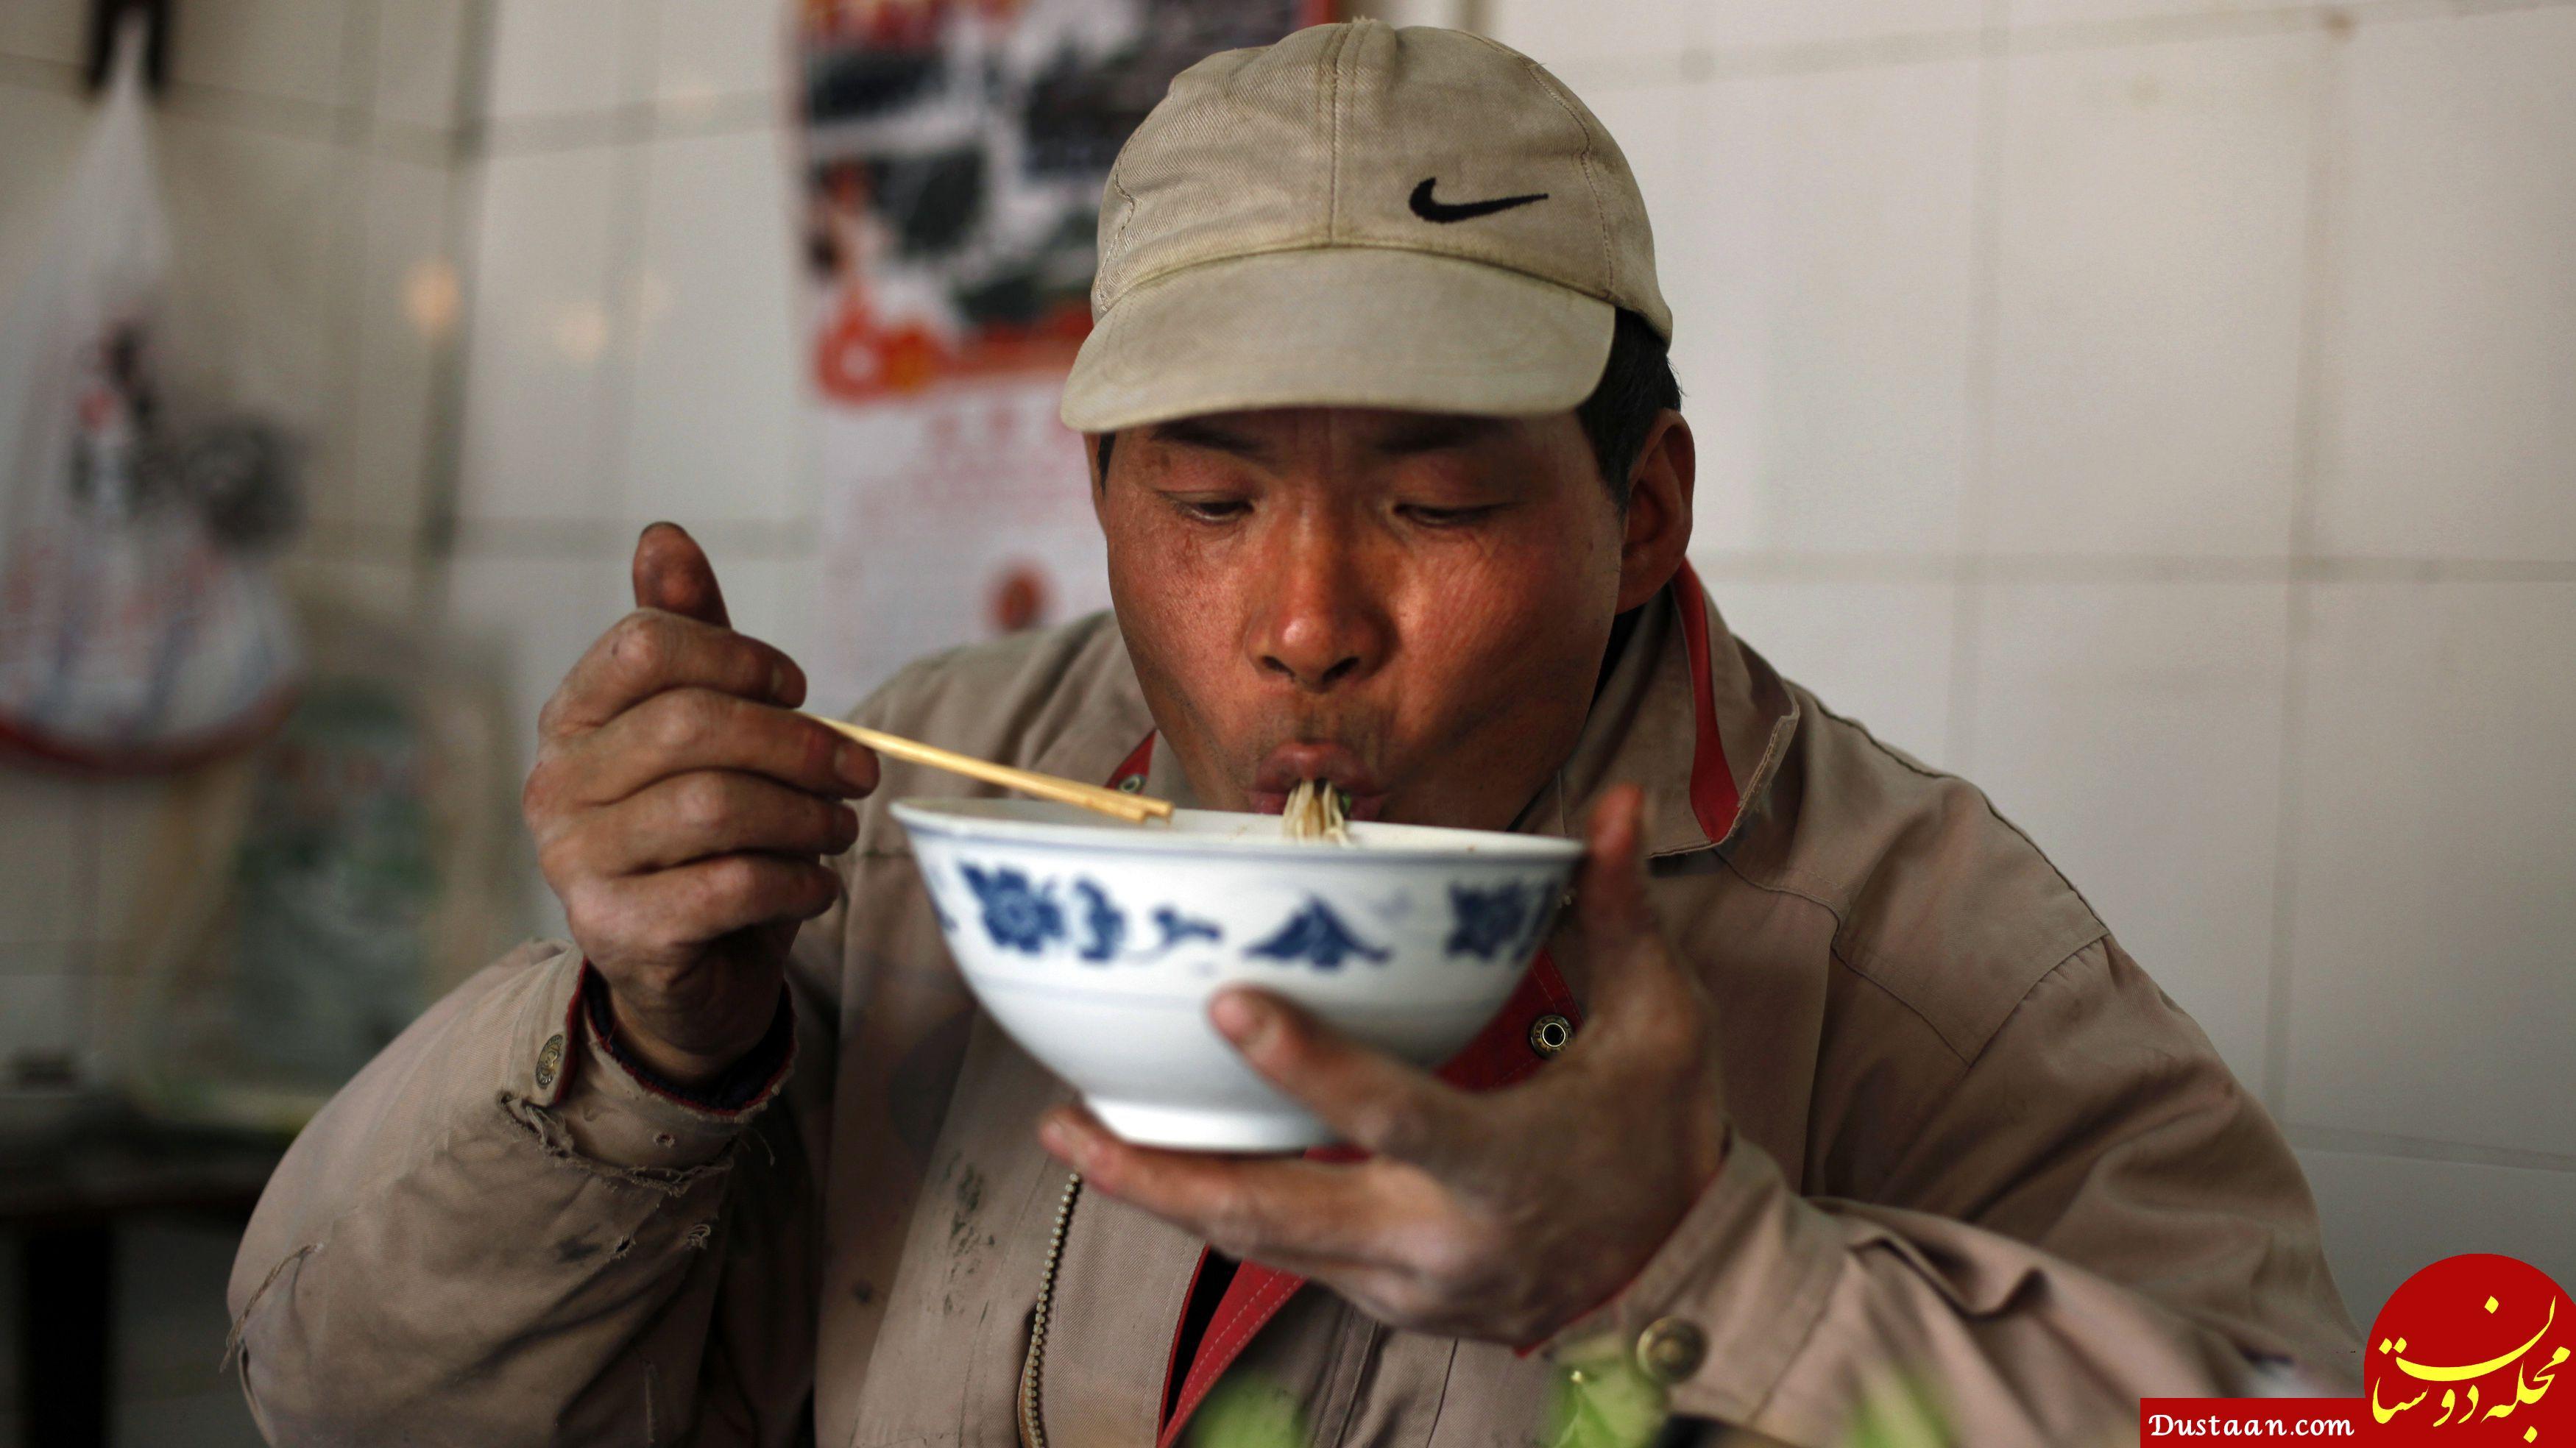 اقدام عجیب رستوران های چینی برای وابسته کردن مشتری! +عکس